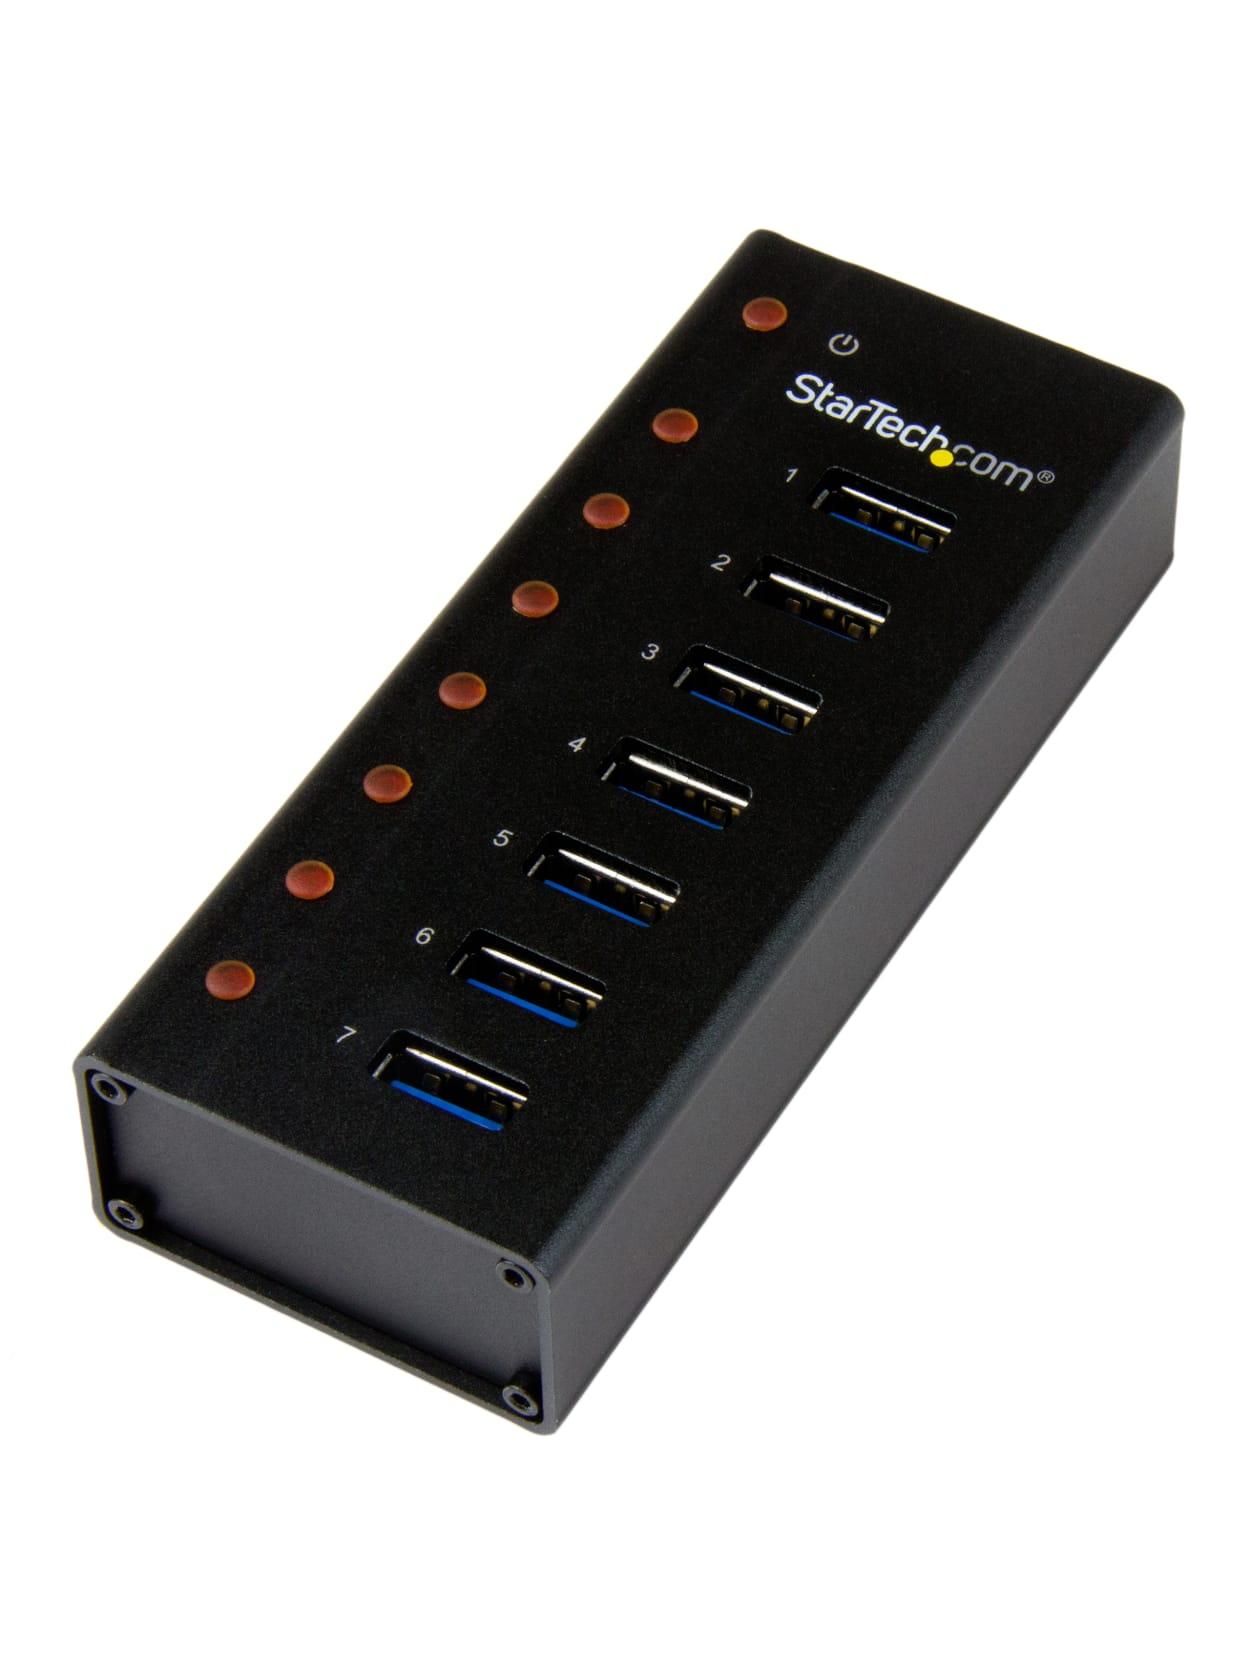 Model# G86-71411EUADAA 17In Usb Keyb W//3-Track Msr Tchpd Us 127 42 127Prg Blk